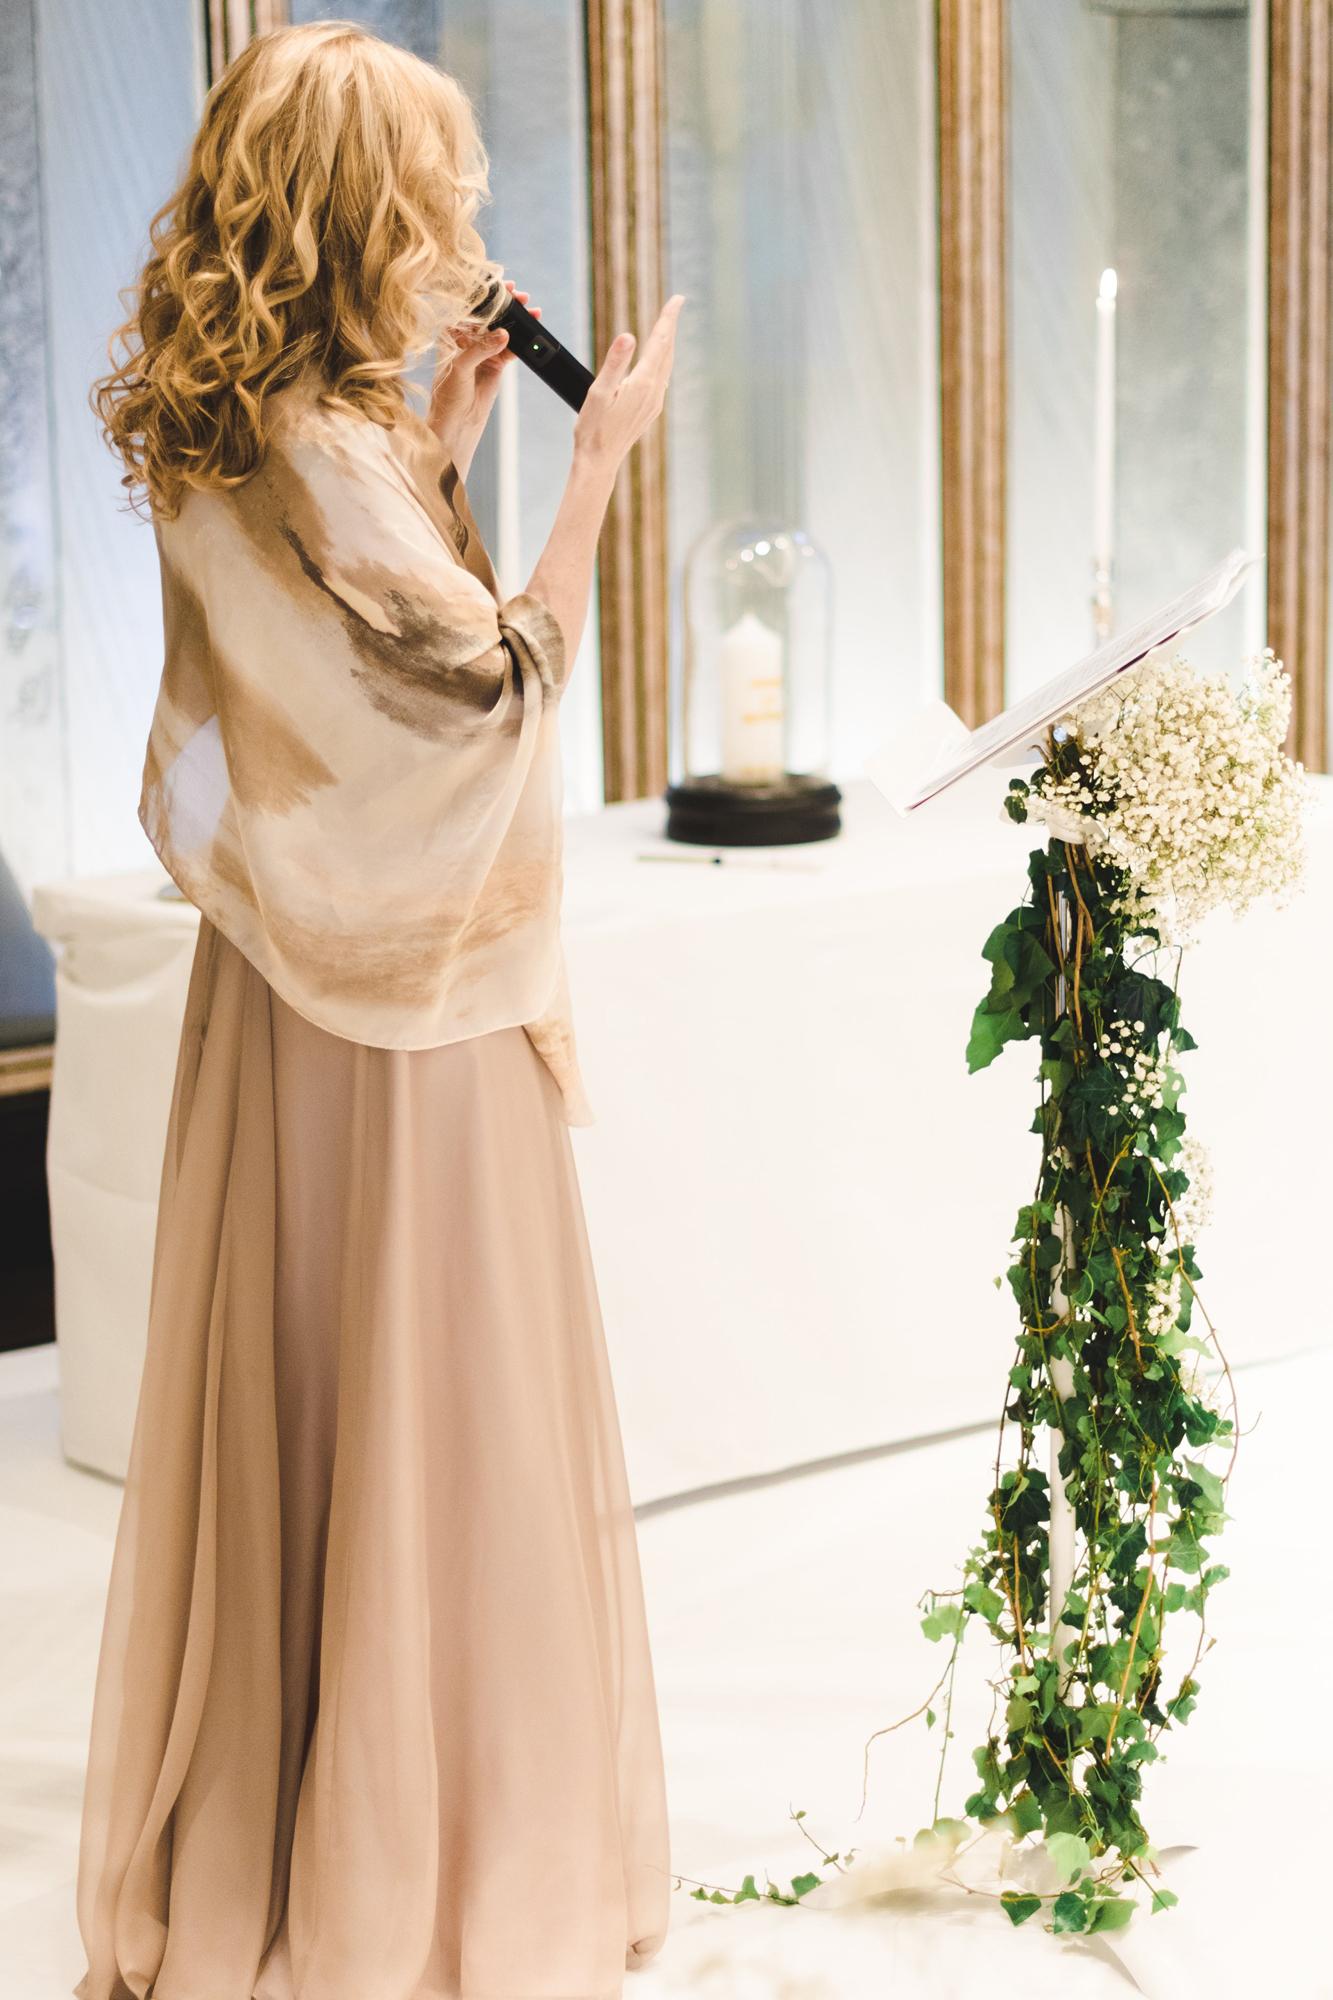 officiante chanteuse Ariane Douguet cérémonie laïque Haute couture